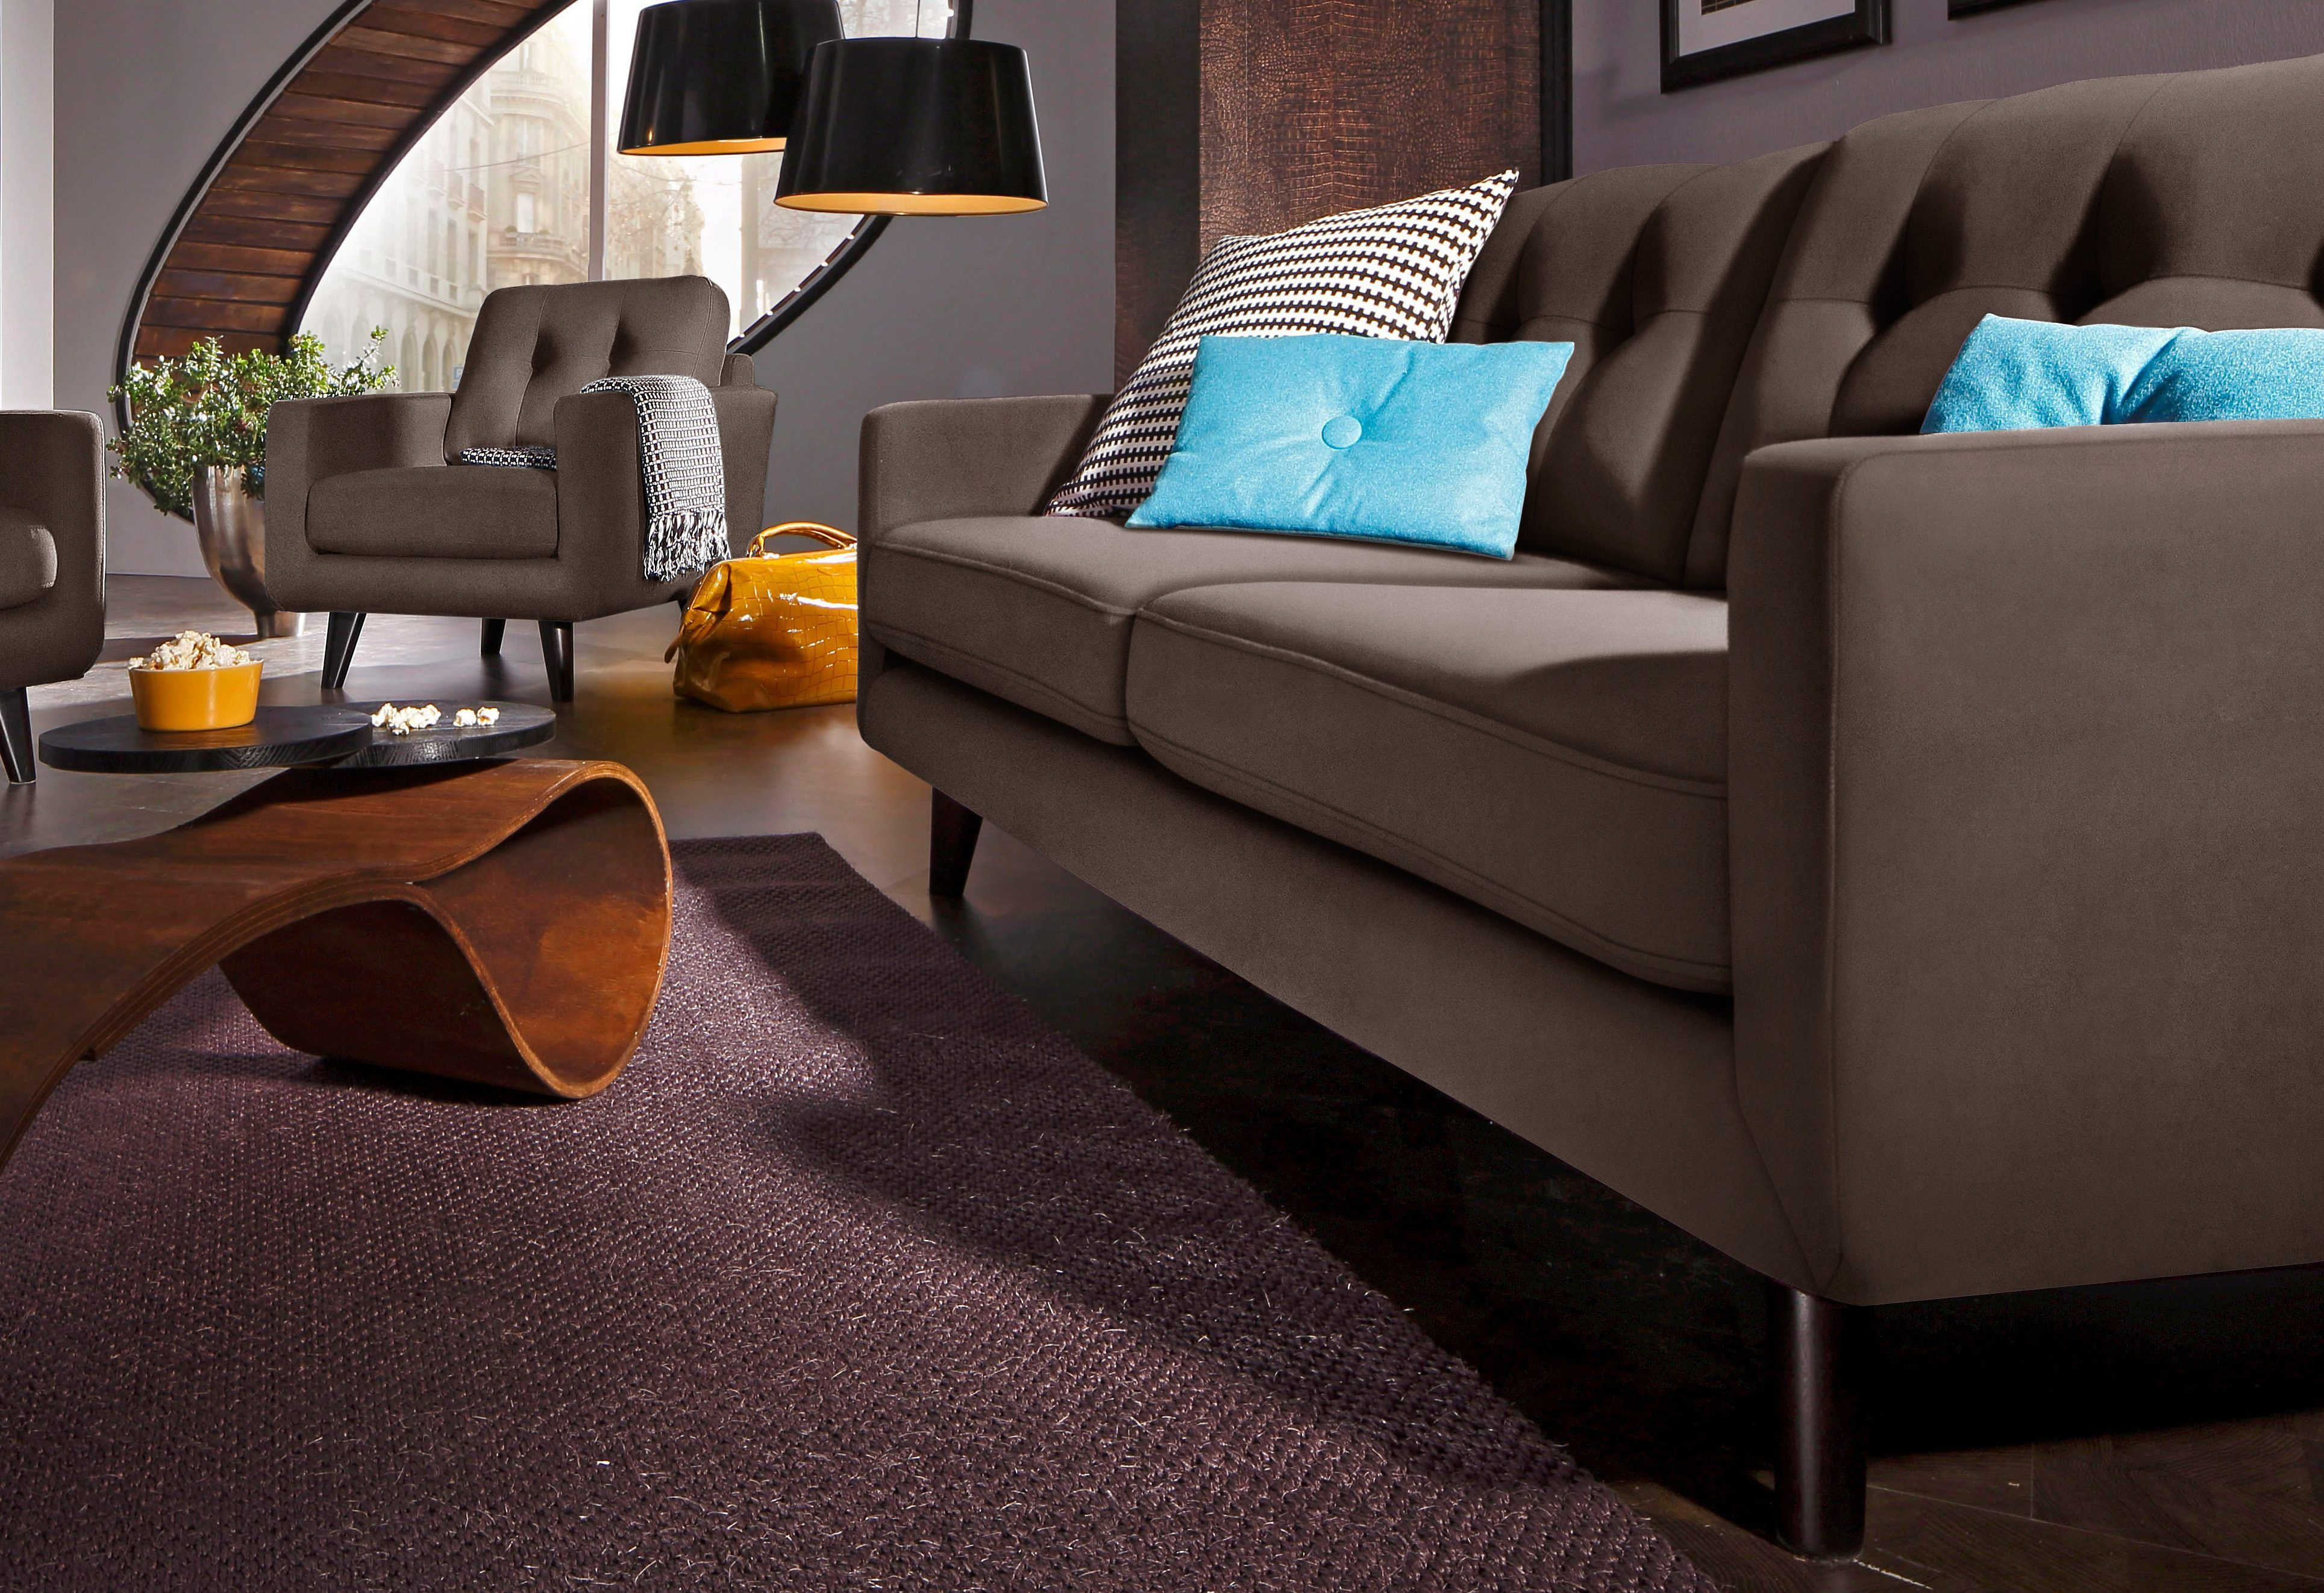 INOSIGN 3 Sitzer Braun FSCR Zertifiziert Jetzt Bestellen Unter Moebelladendirektde Wohnzimmer Sofas 2 Und Uid561782bf B7f3 5db5